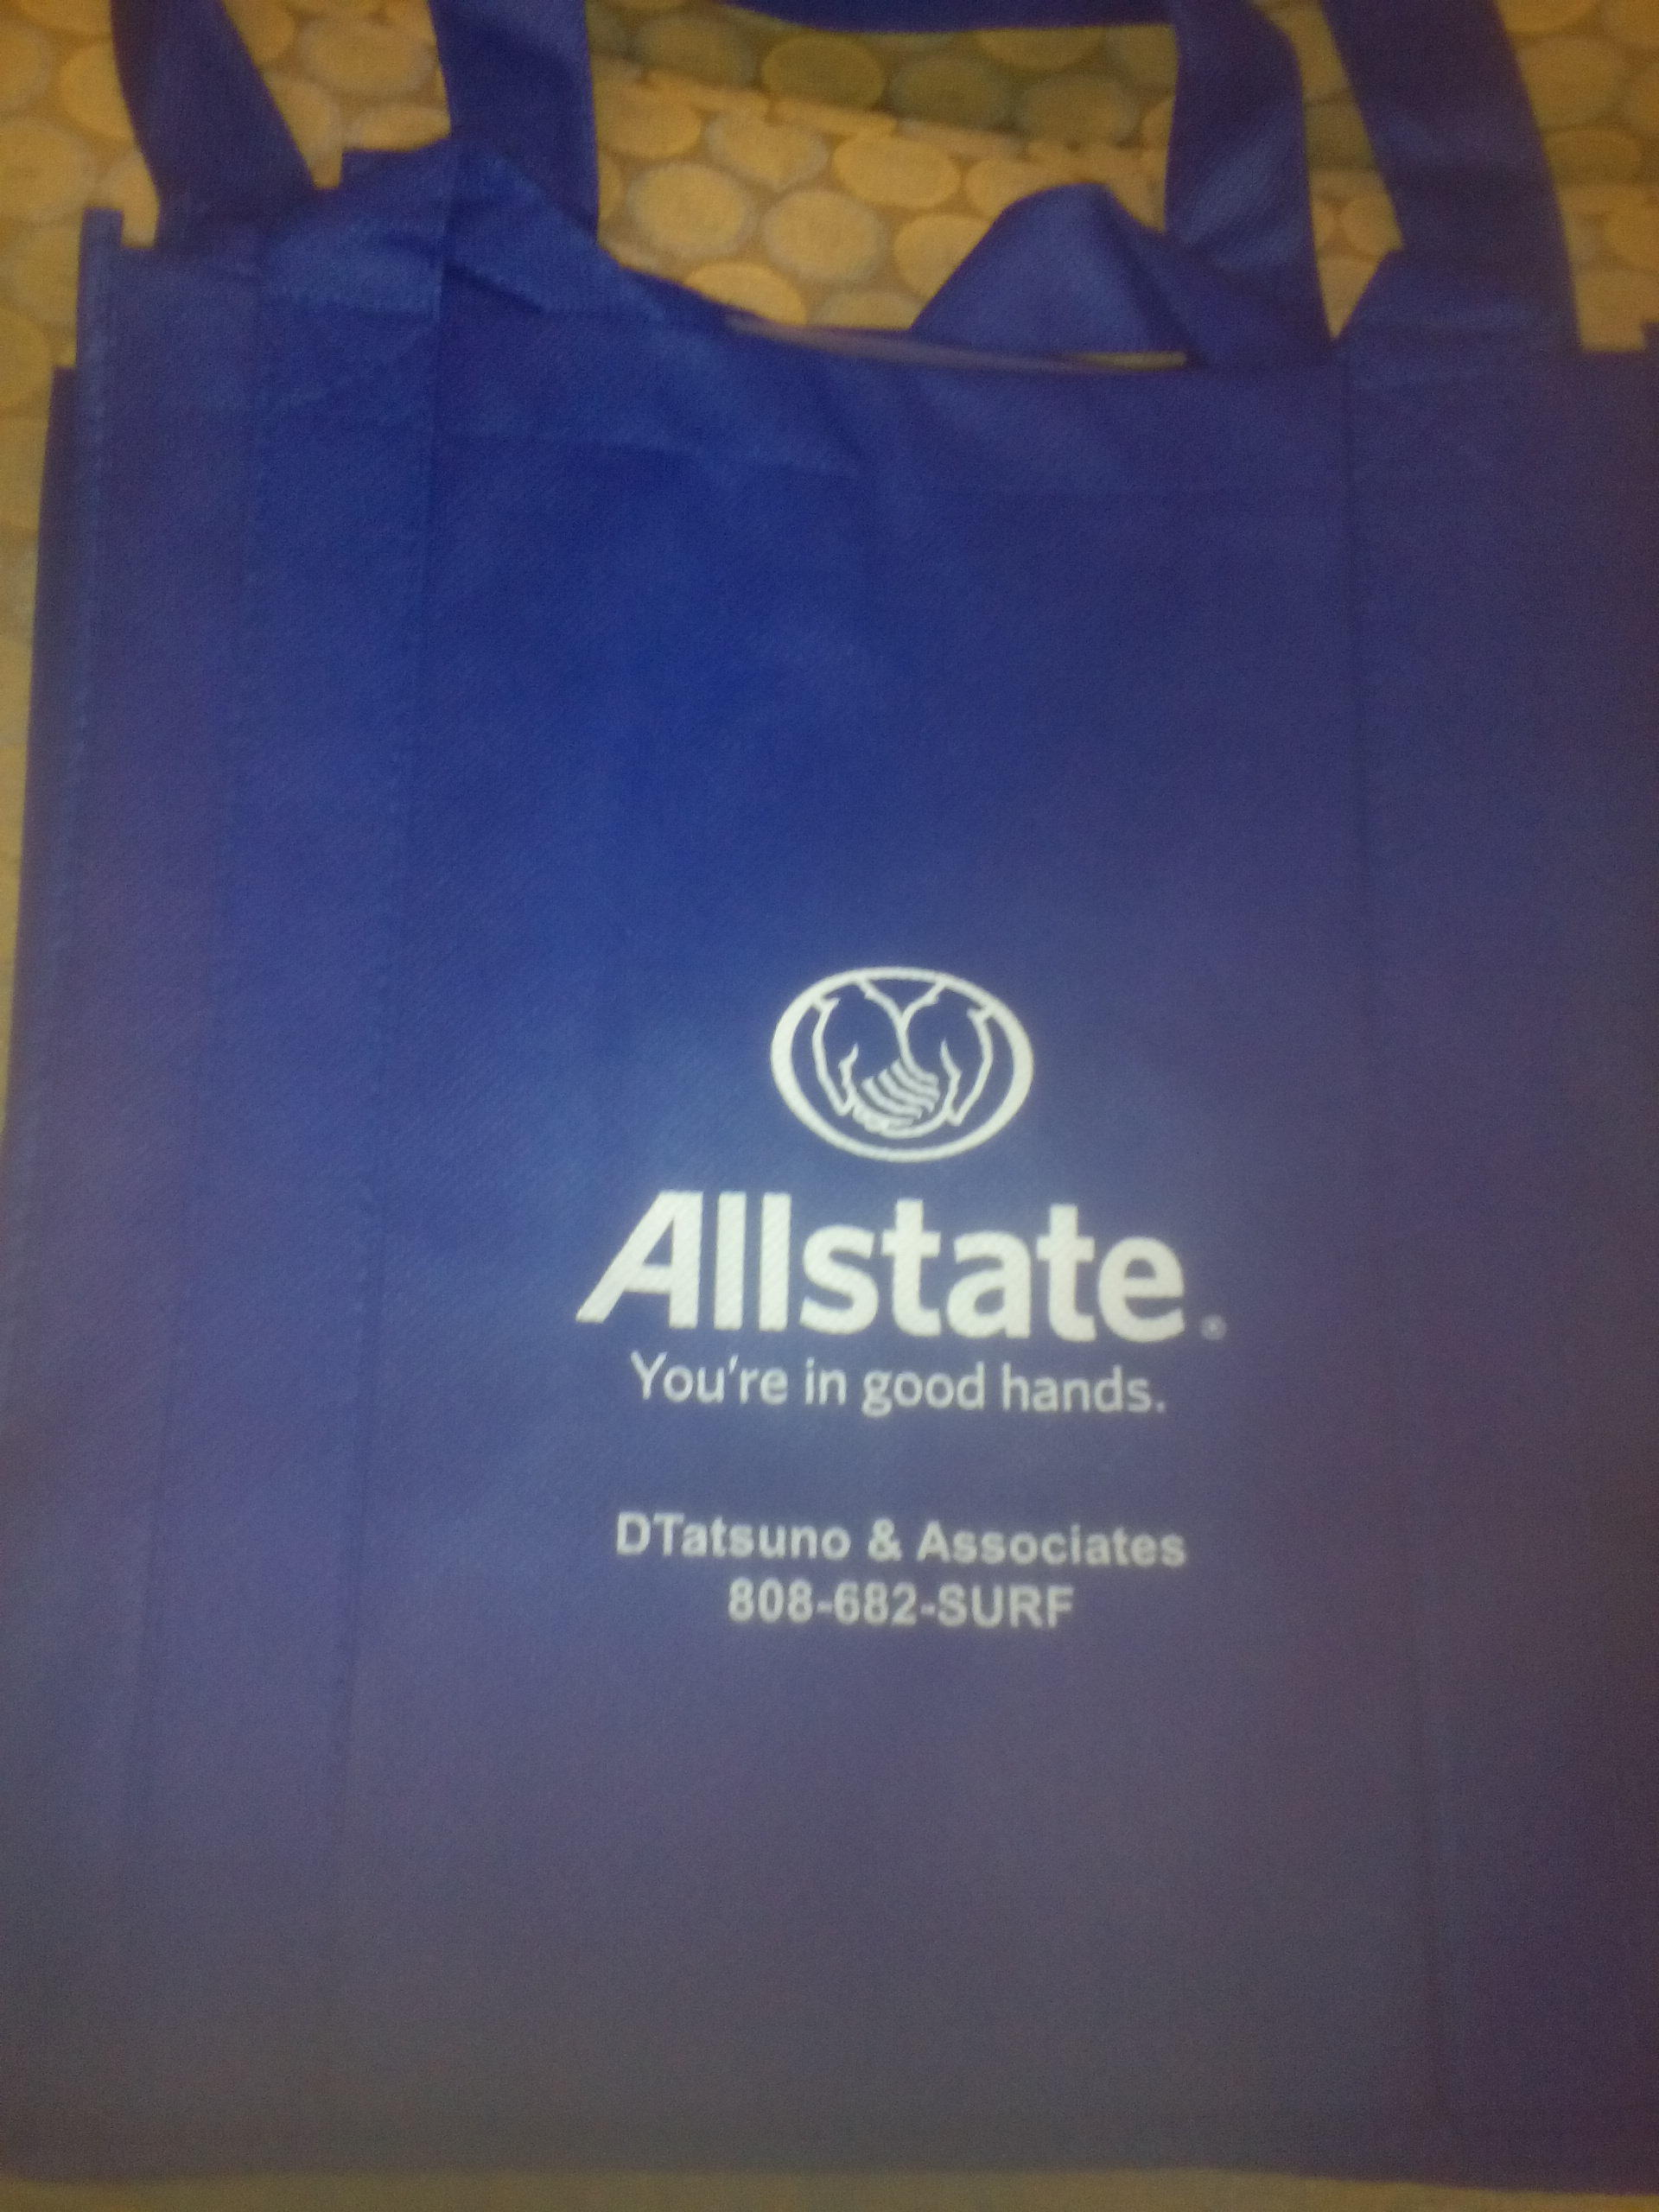 Darren Tatsuno: Allstate Insurance image 3